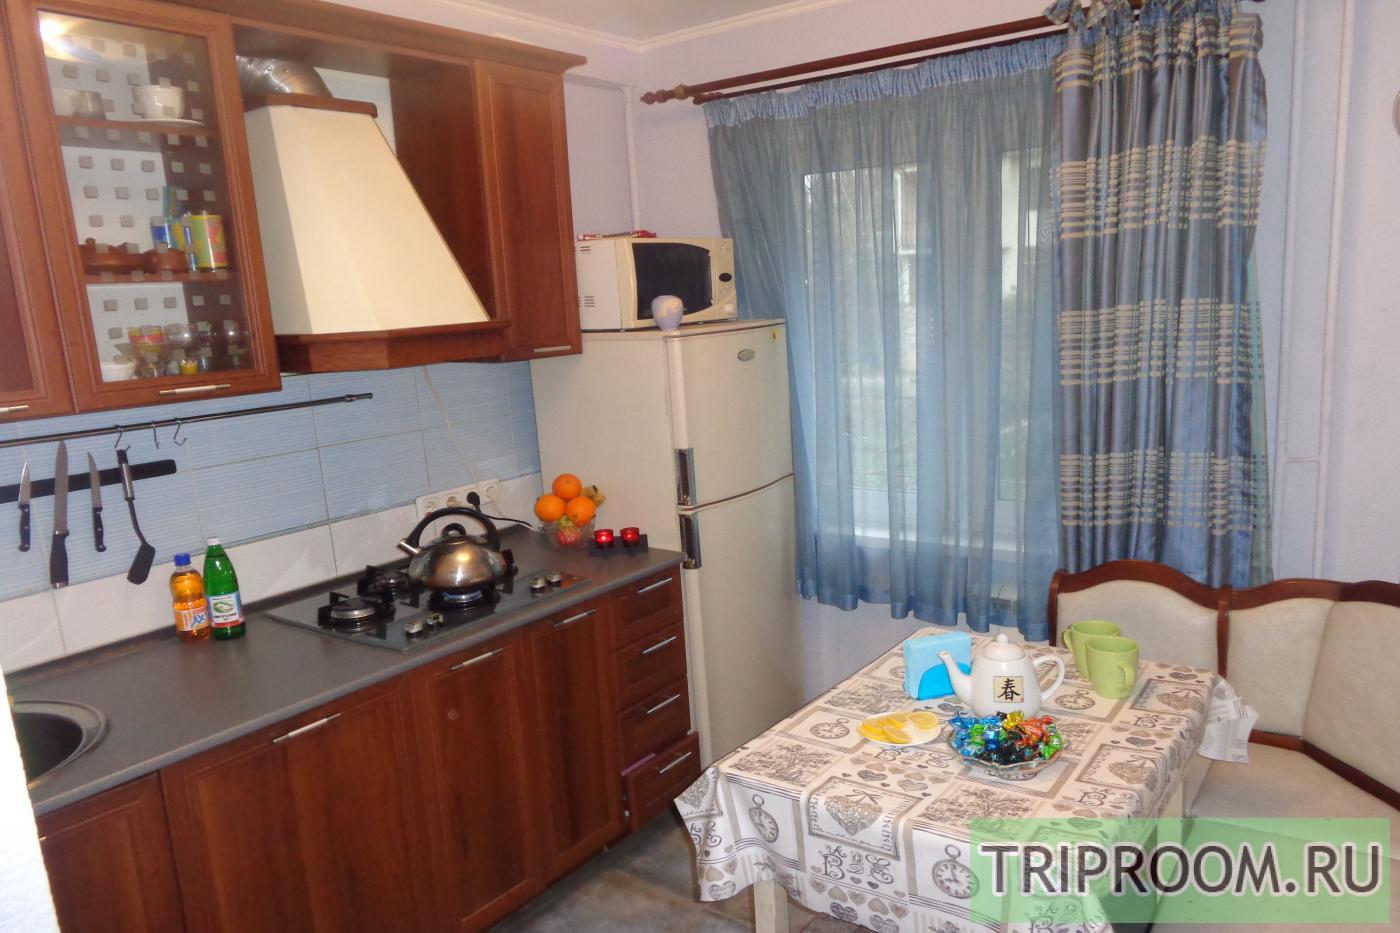 1-комнатная квартира посуточно (вариант № 2452), ул. Невская улица, фото № 5